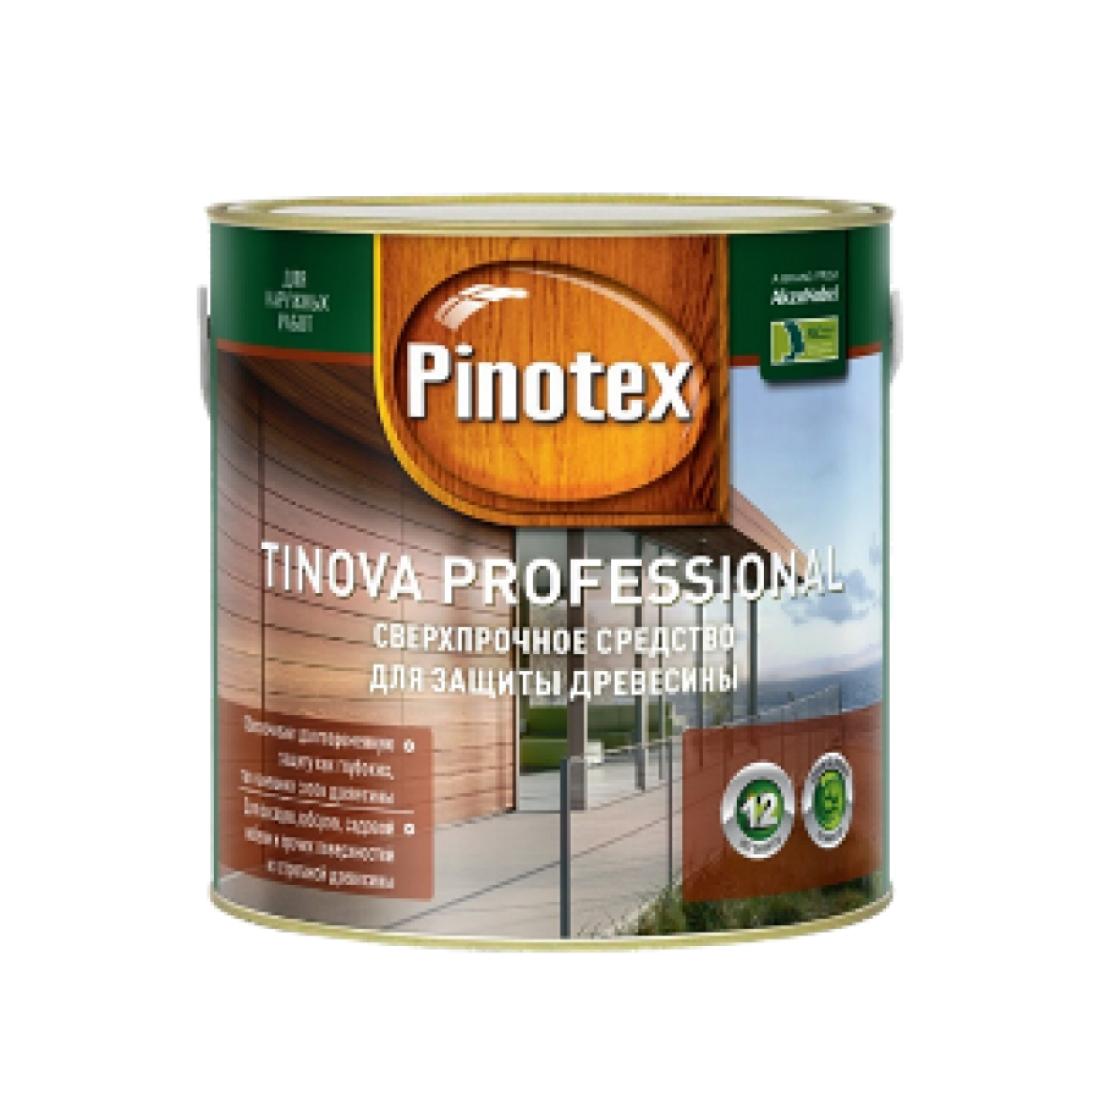 PINOTEX TINOVA цветной антисептик для профессиональной защиты, гарантия 12 лет! (5л) Палисандр